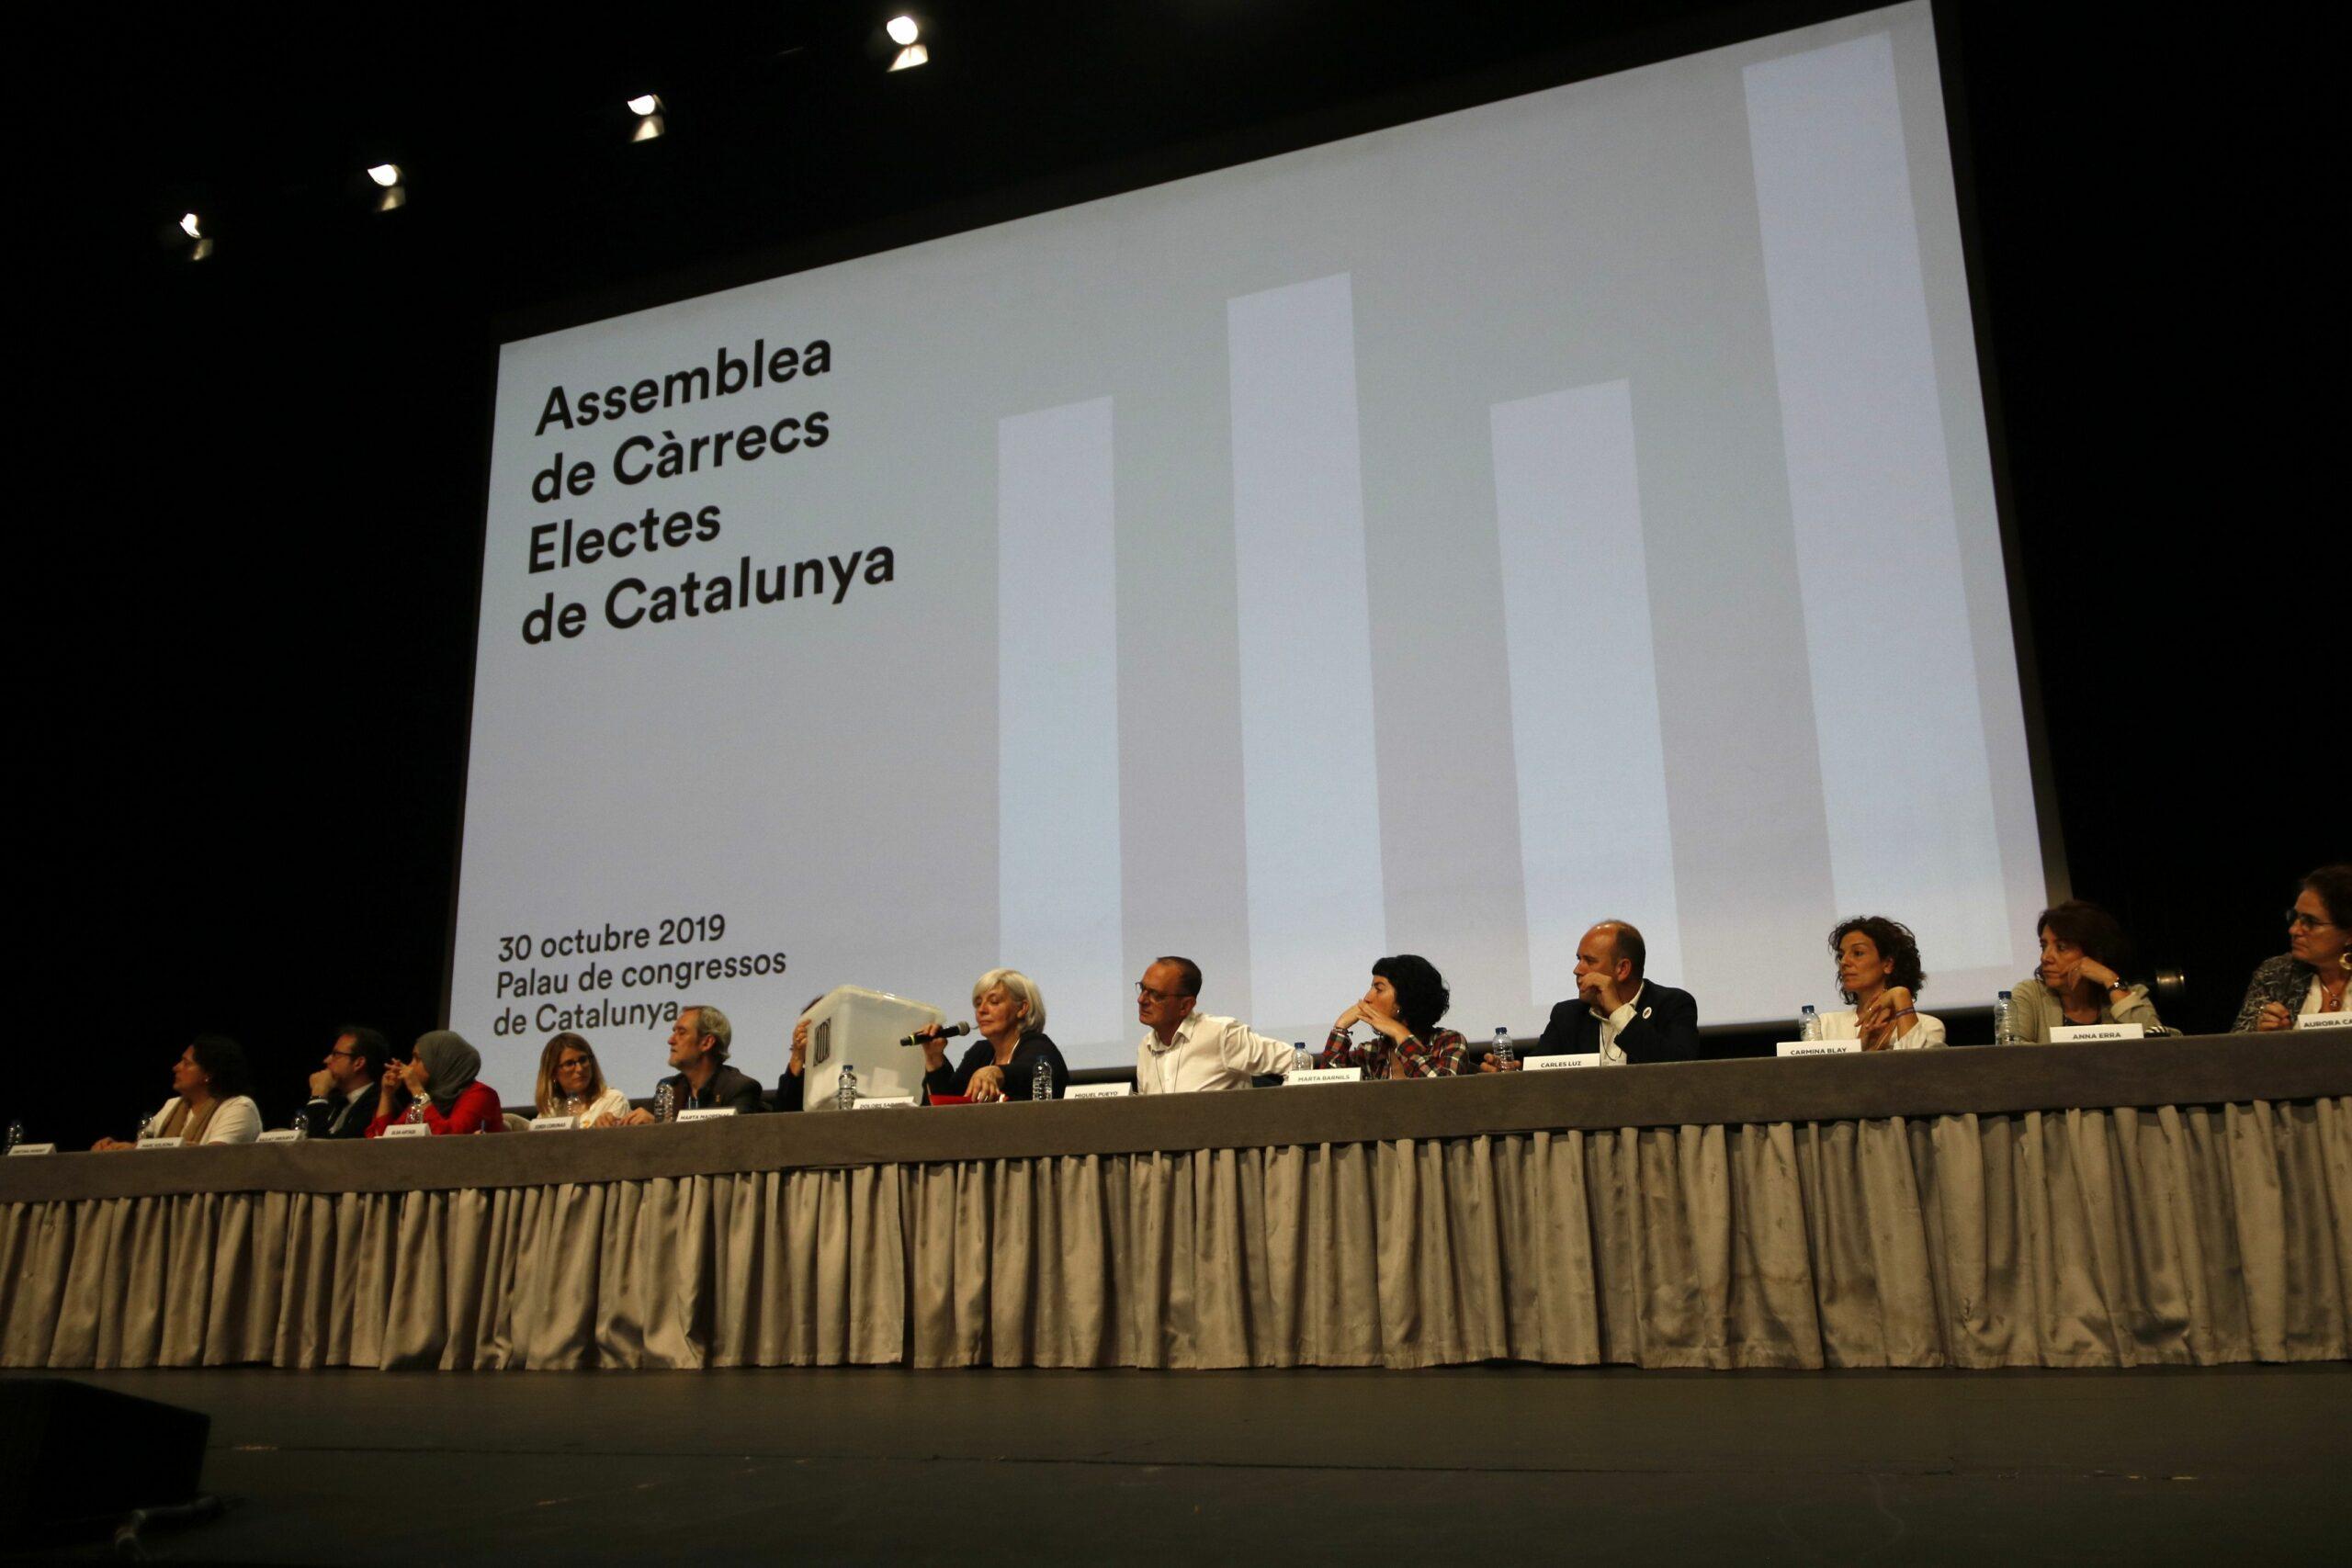 La taula central de l'Assemblea de Càrrecs Electes de Catalunya